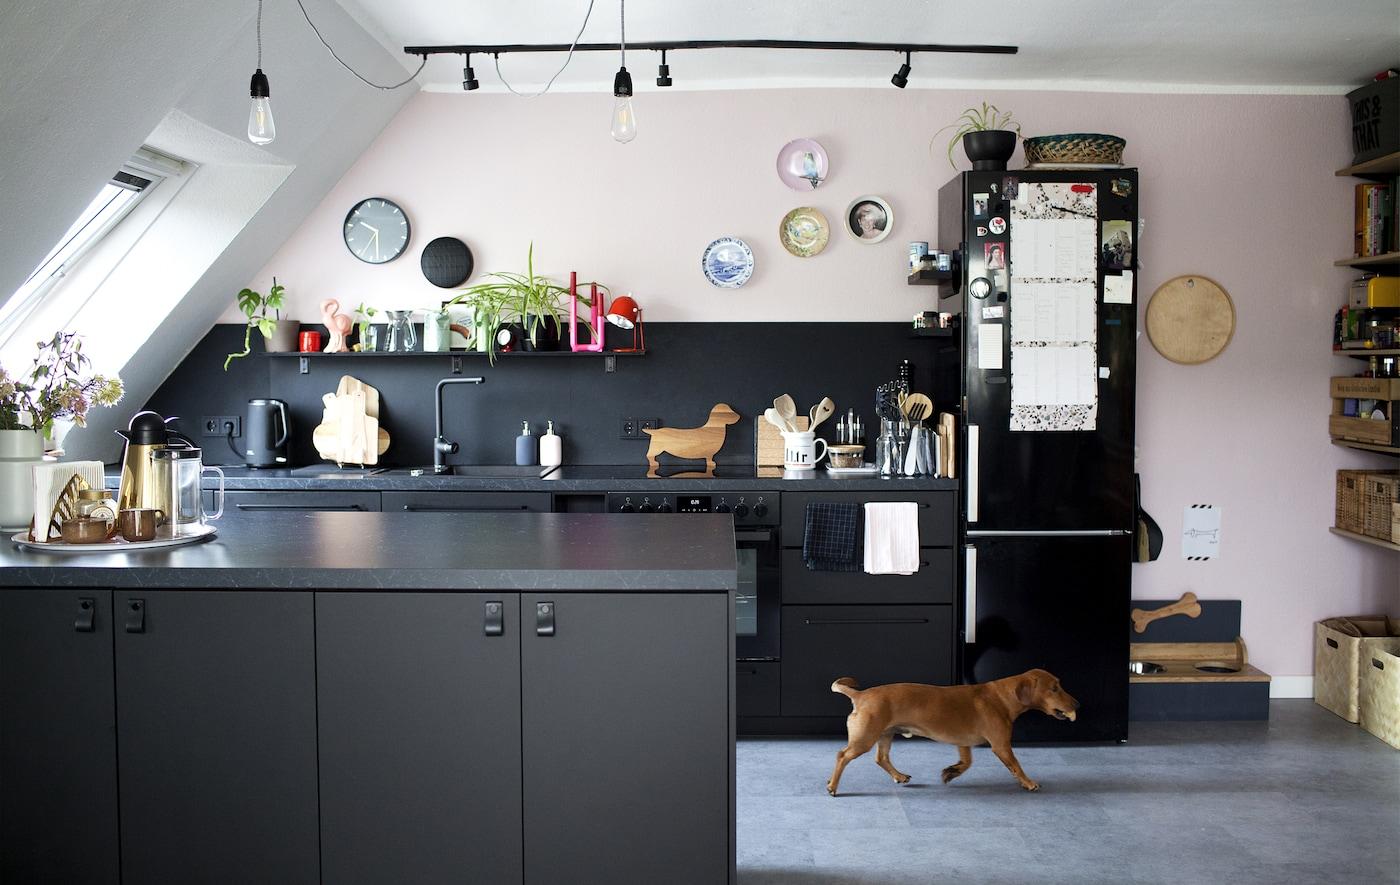 一间黑色、白色和淡粉色的开放式厨房和一只小狗。